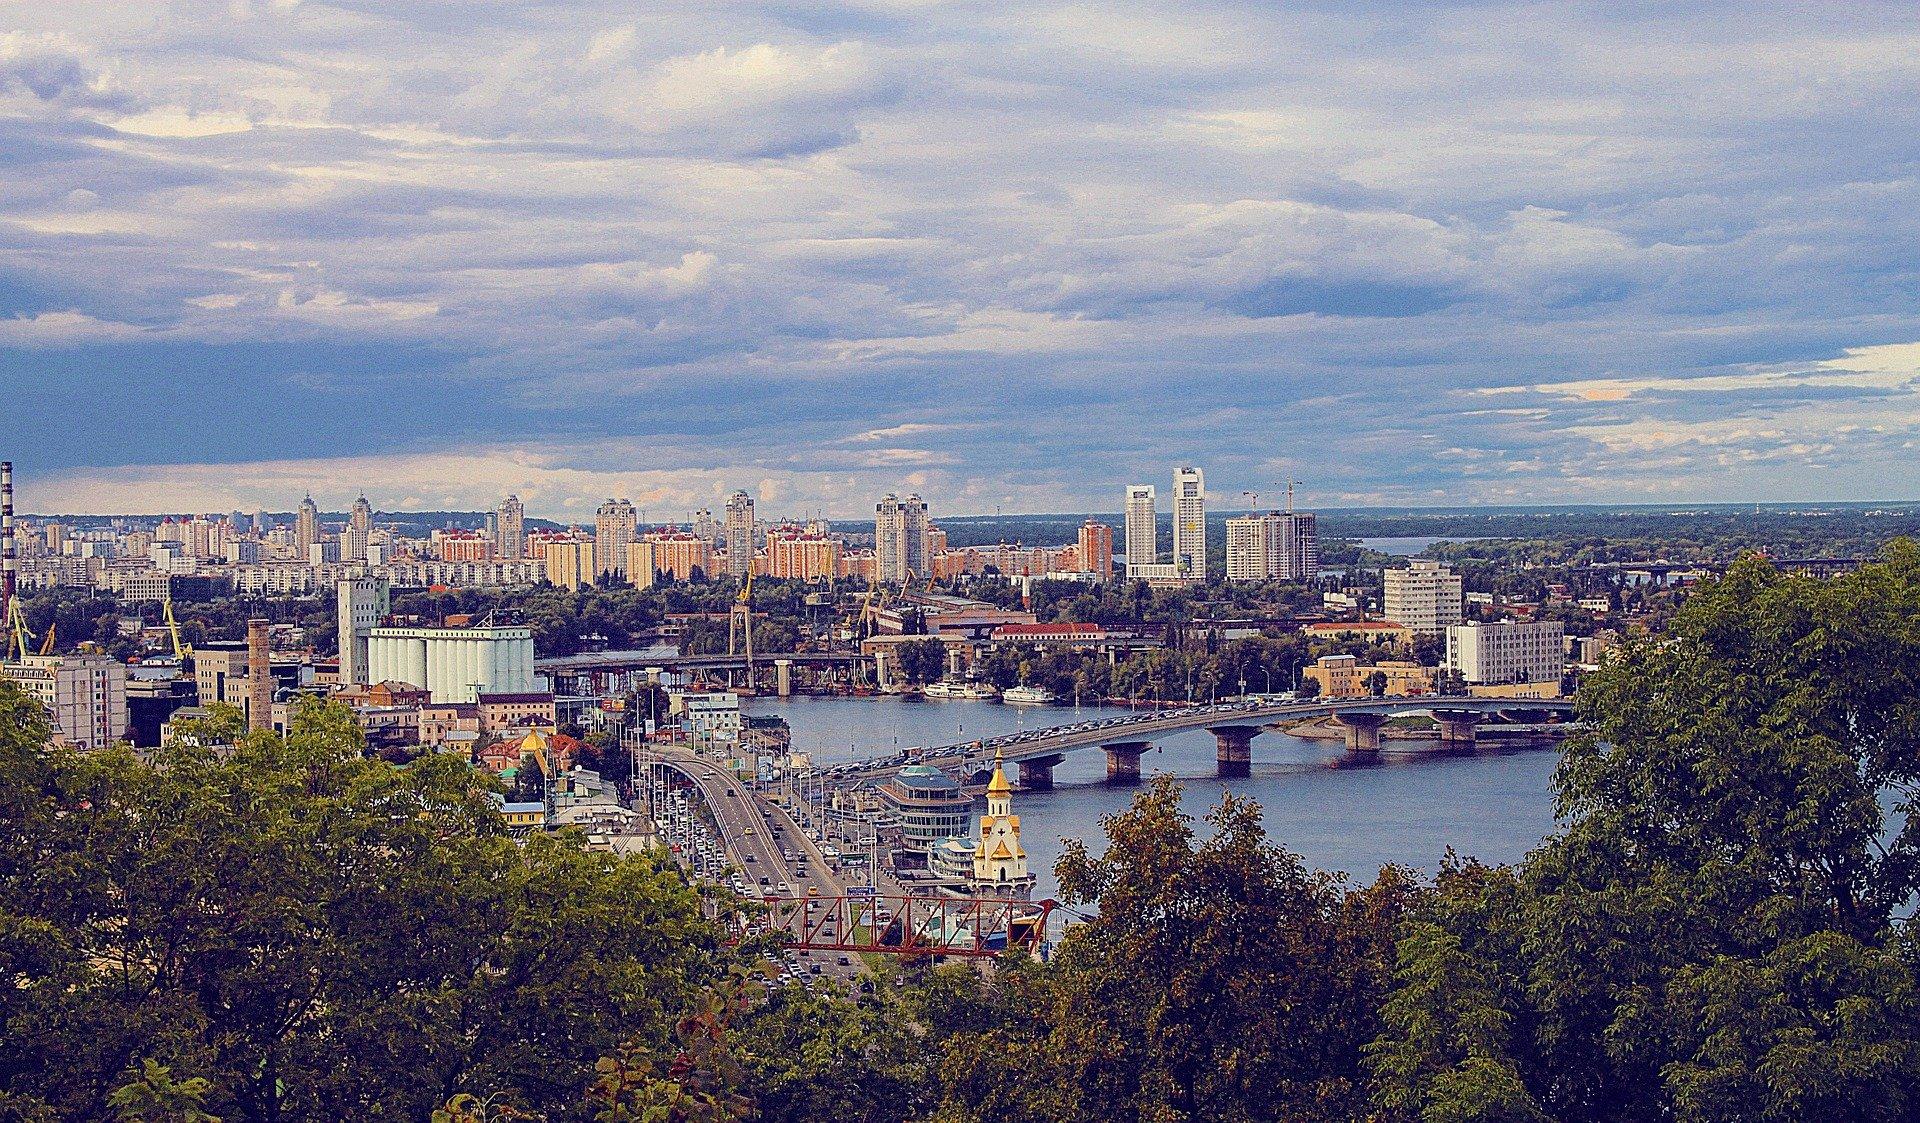 Парки закатают в бетон, пешеходов закопают в землю - о новом генплане Киева